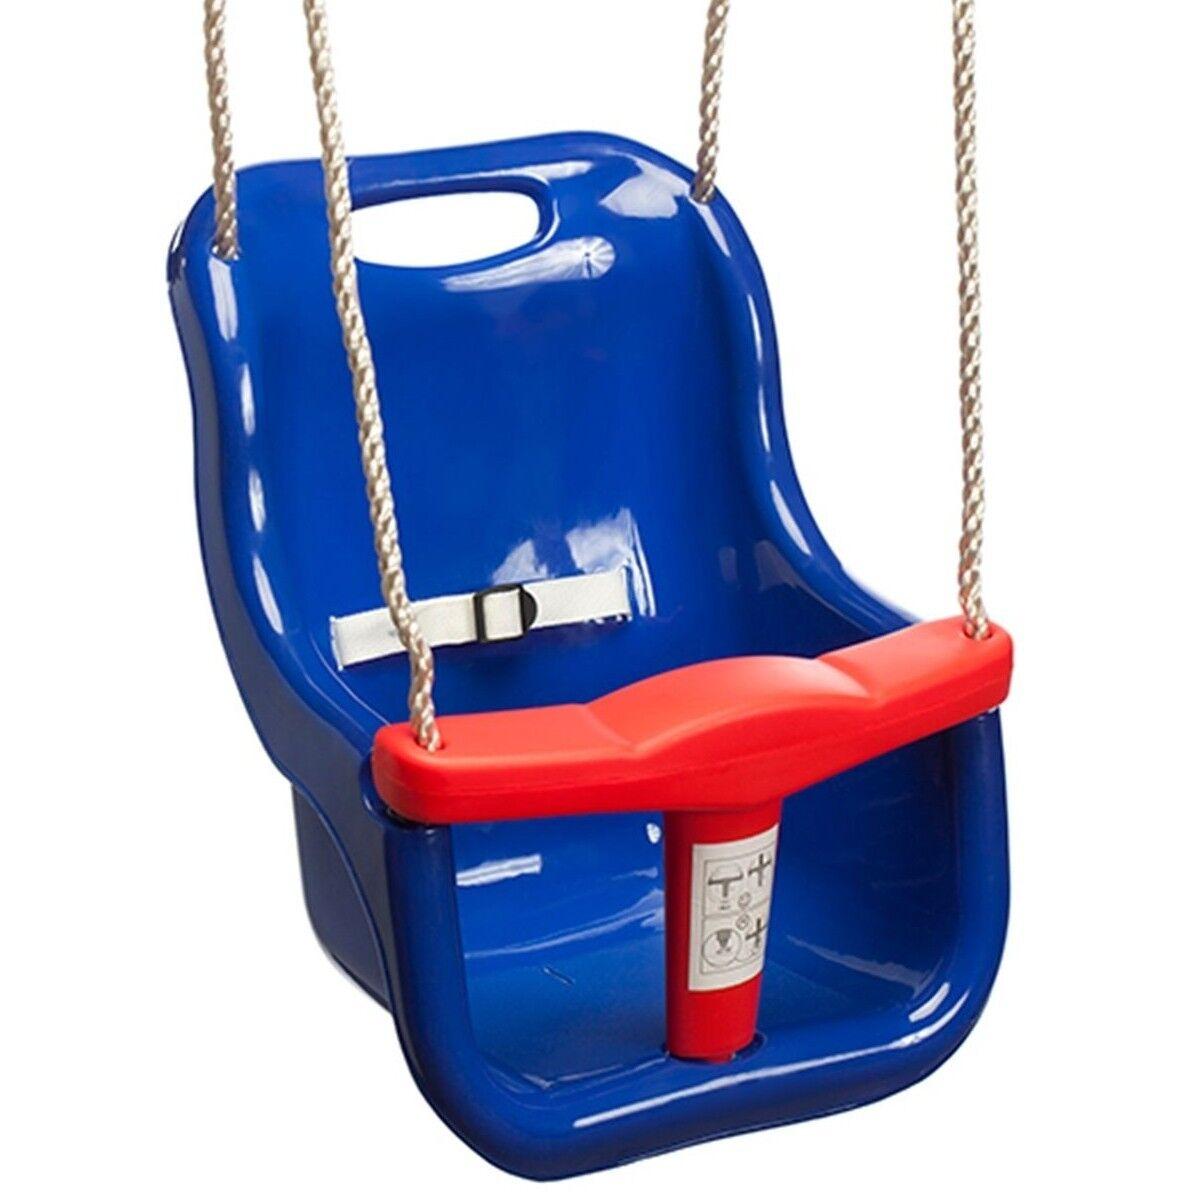 Svinge Slide klättring Beby Svinge Seat 365x420x250mm,25Kg Capacity blå  röd AUS Brand